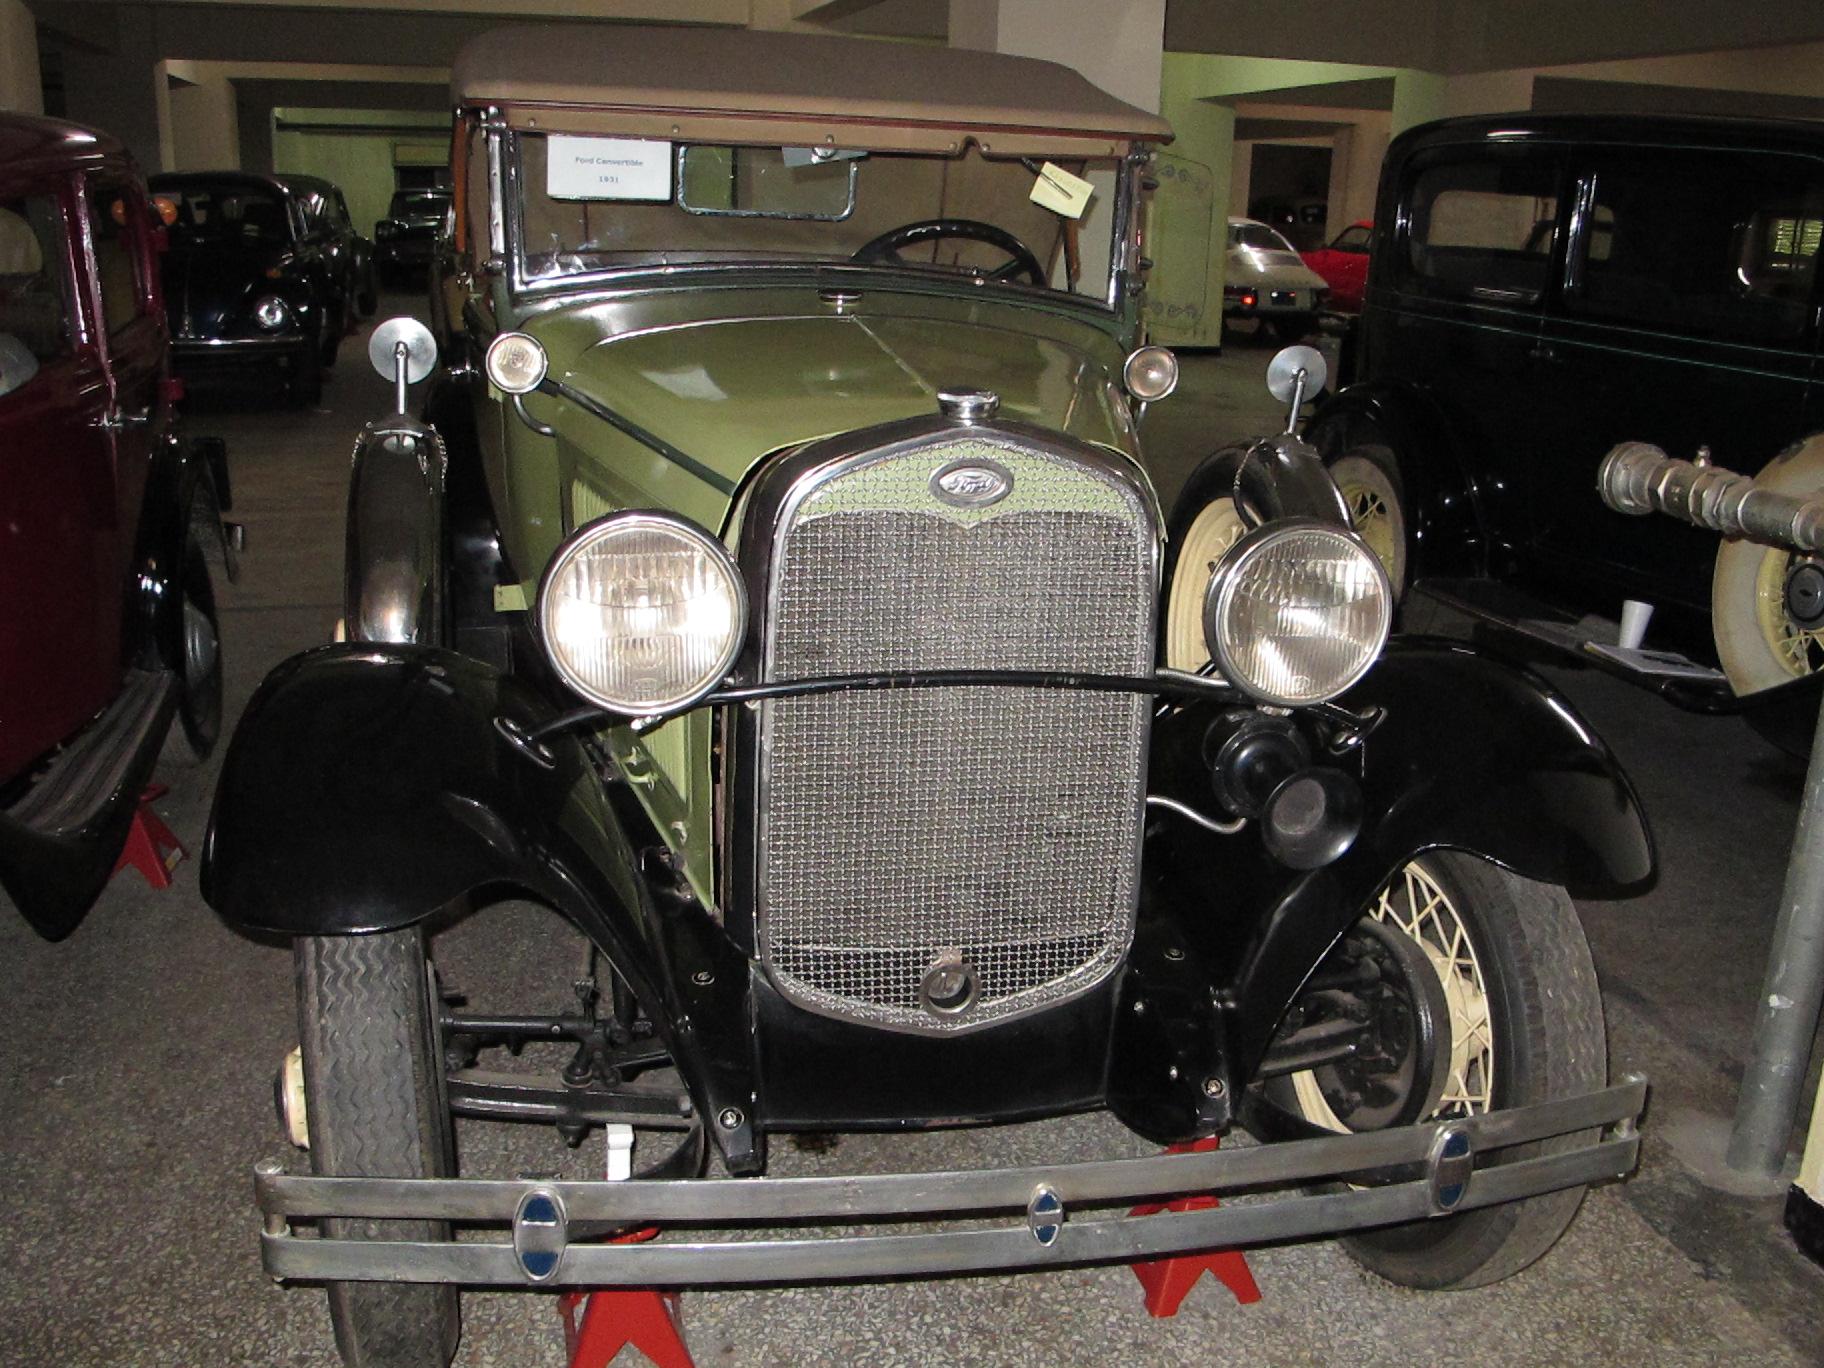 My next classic/veteran car